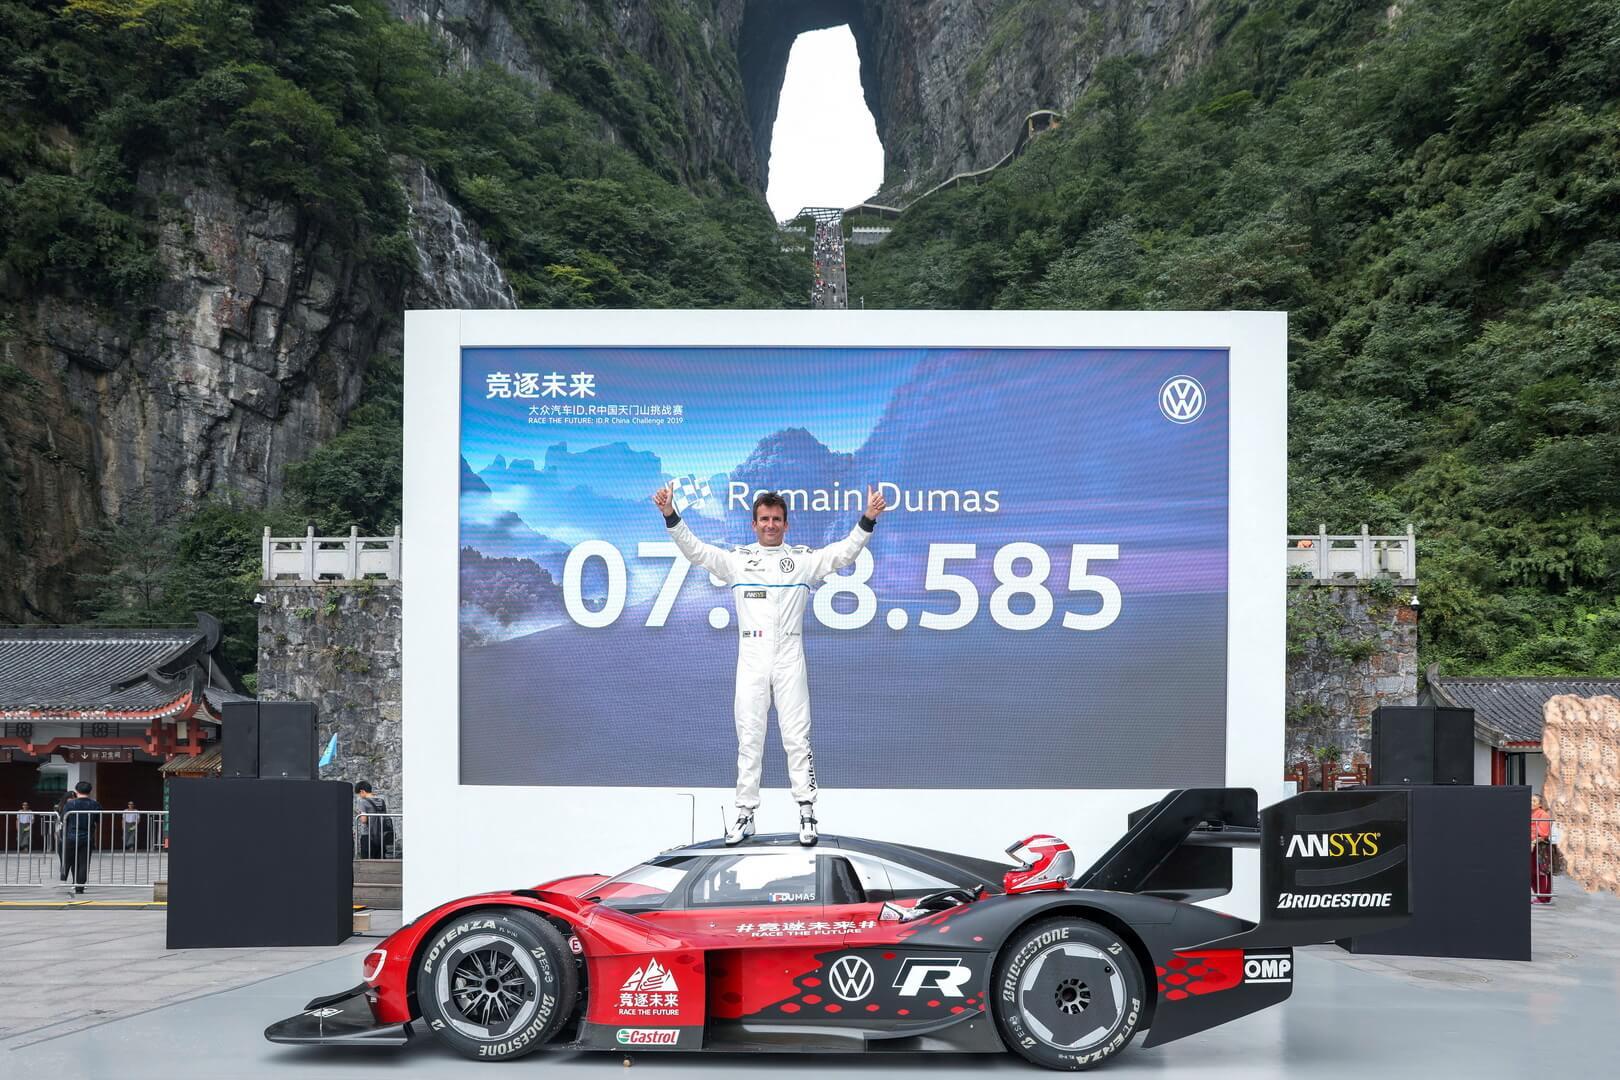 Ромен Дюма на Volkswagen ID.R установил первый официальный рекорд на горе Тяньмэнь